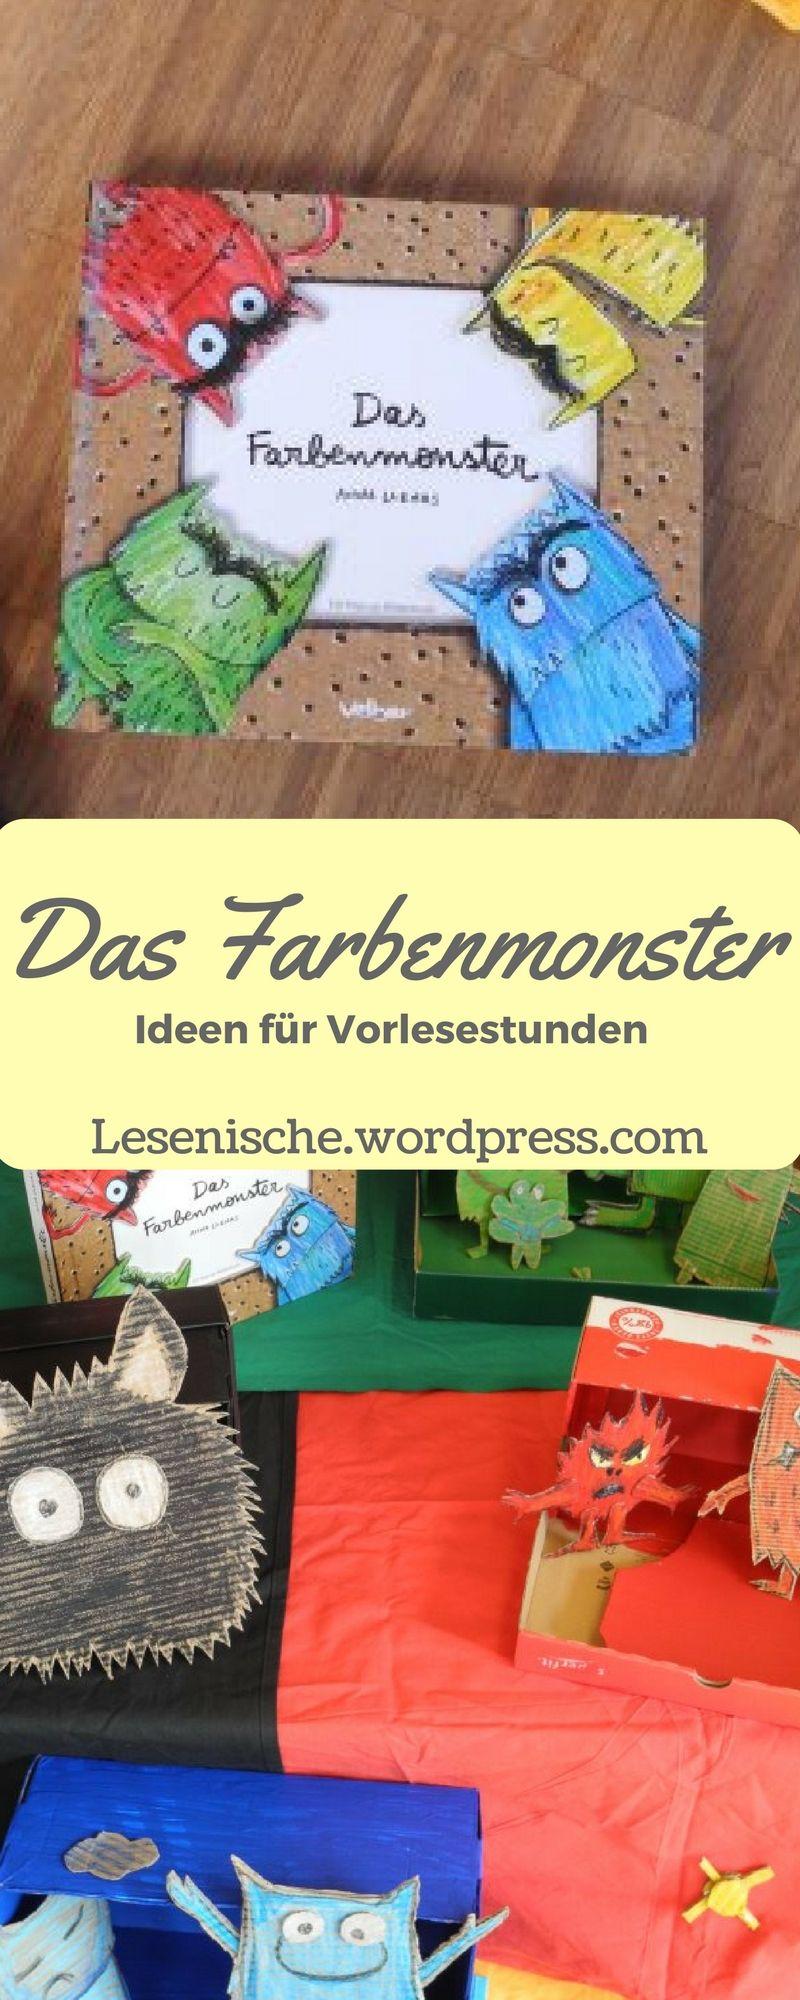 Das Farbenmonster - Vorleseideen.jpg | Basteln Kinder | Pinterest ...